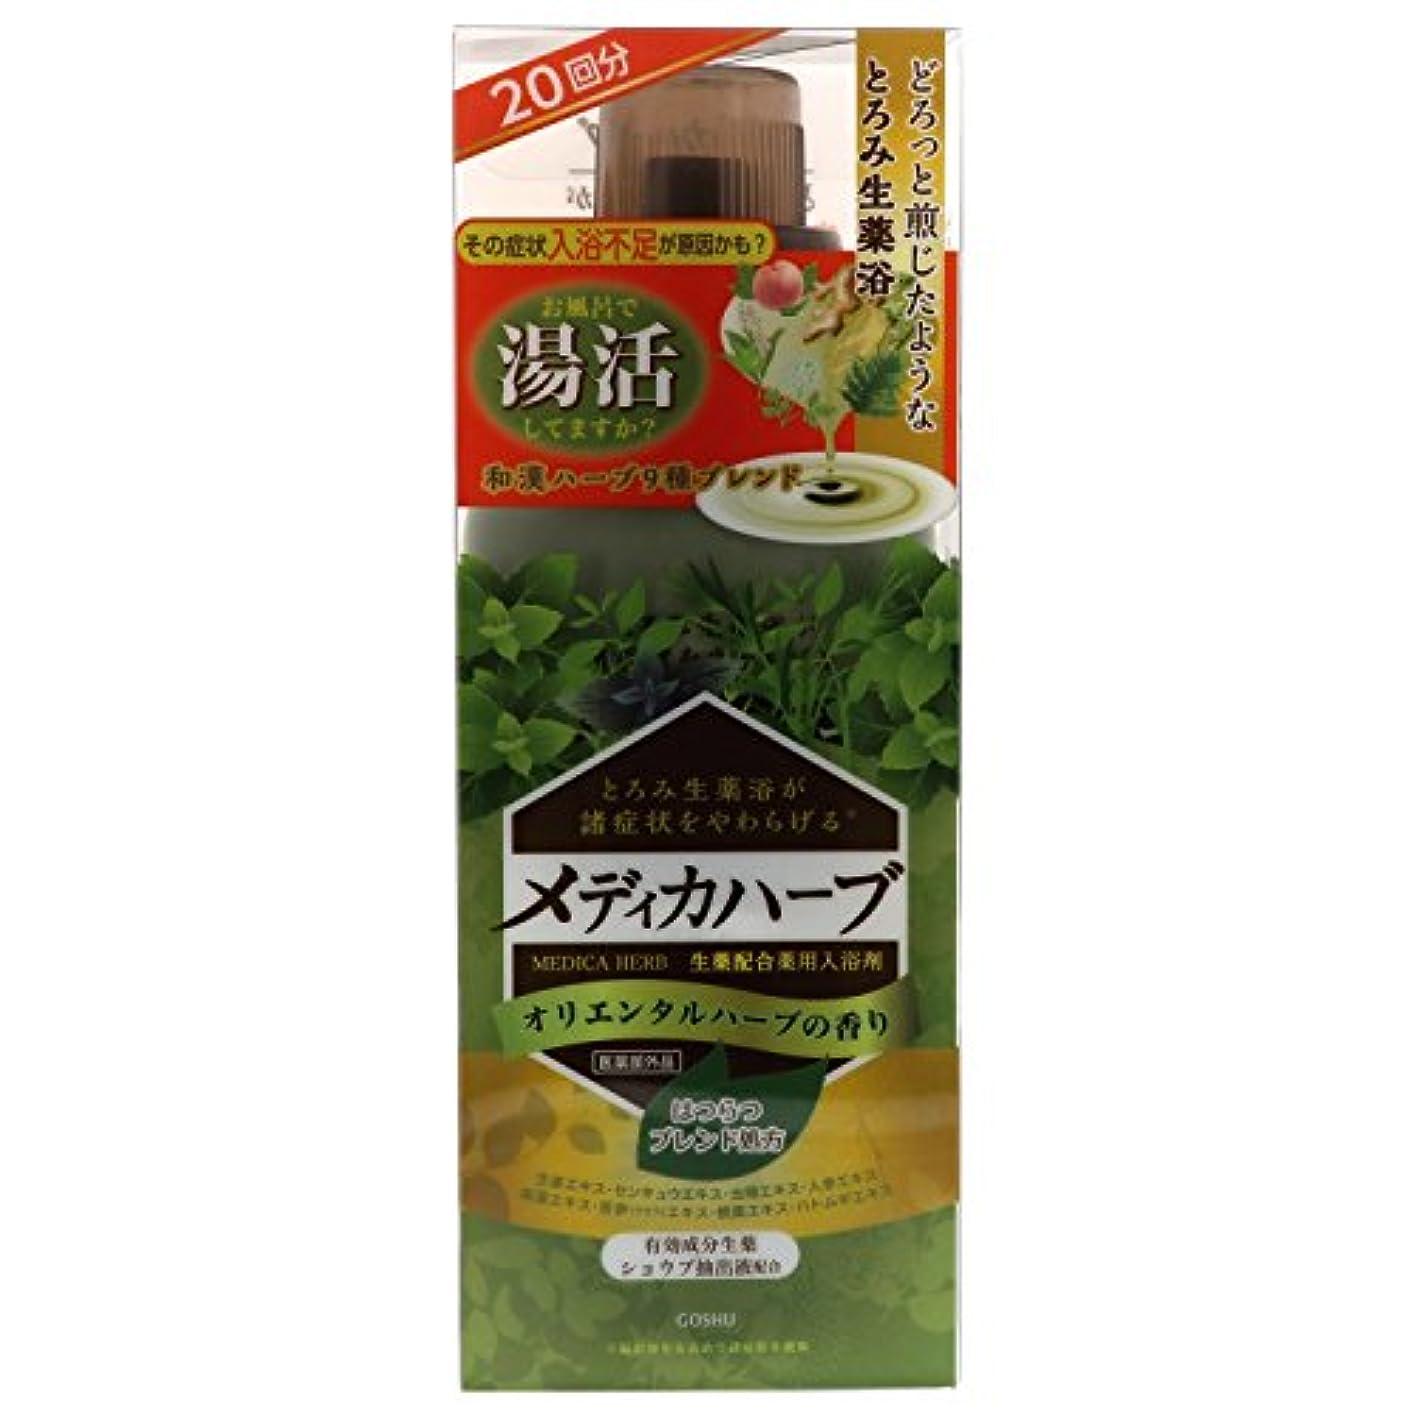 刺繍長方形クアッガメディカハーブ オリエンタルハーブの香り 400ML(20回分) [医薬部外品]